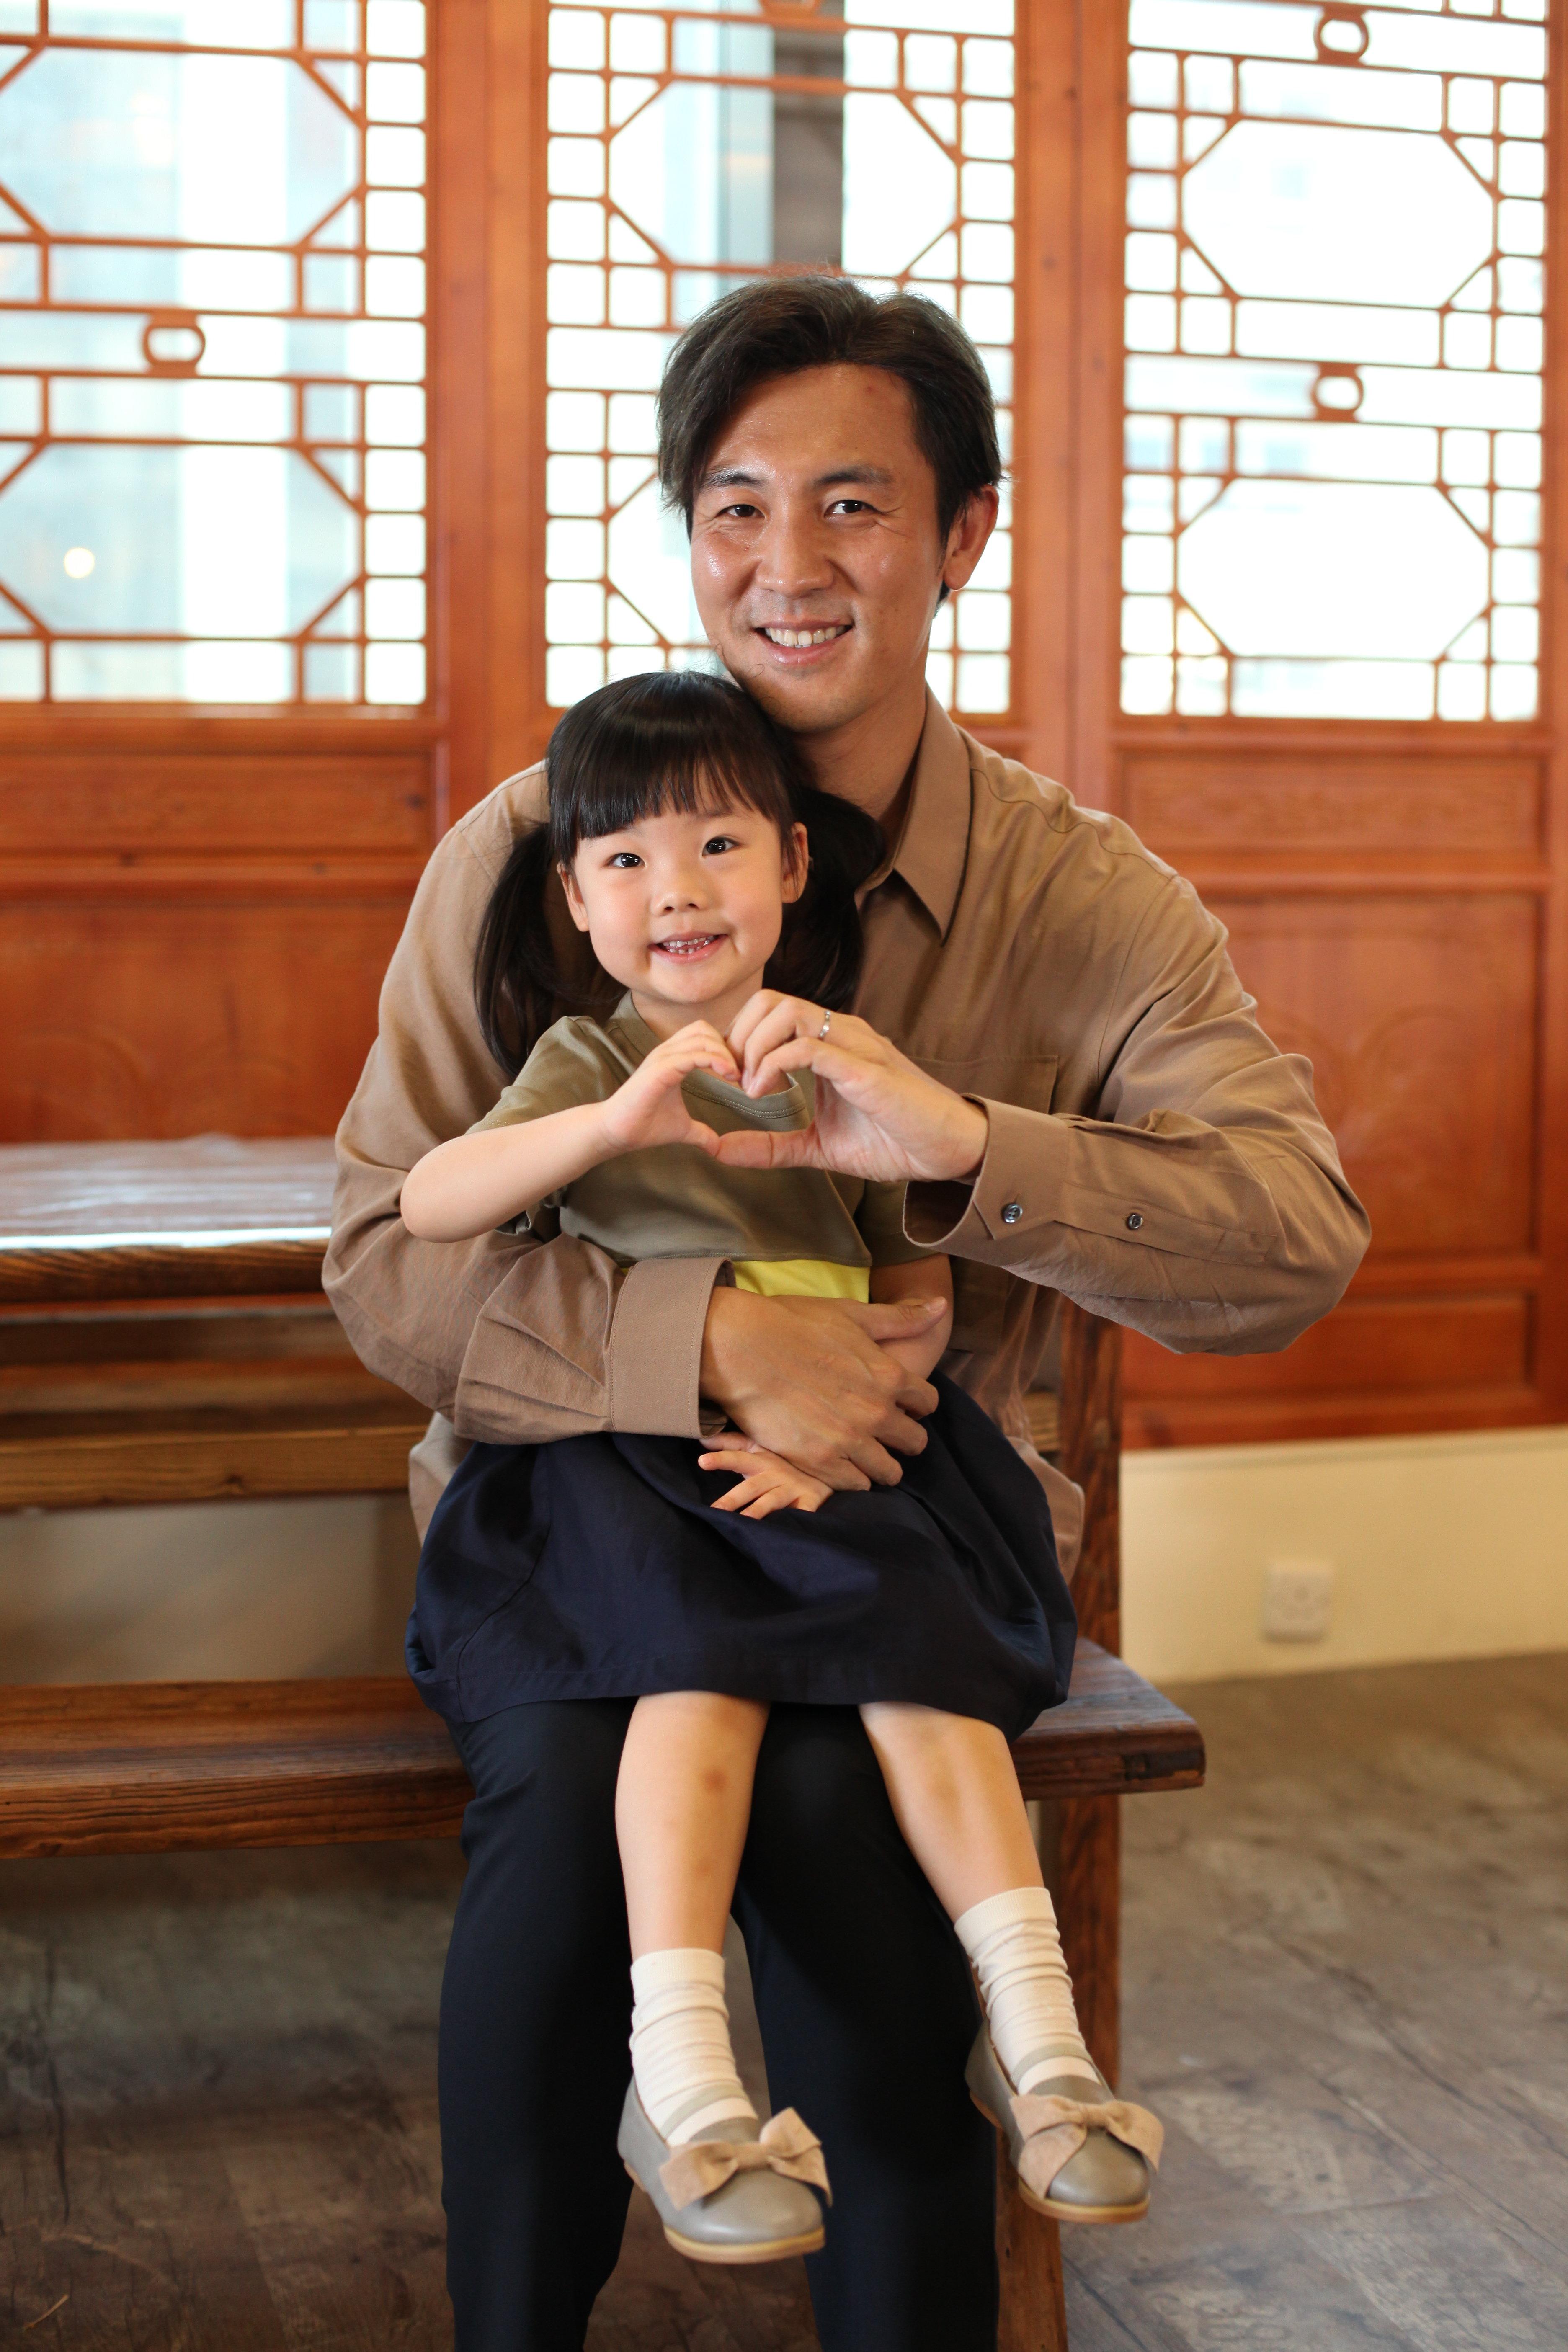 譚俊彥表示囡囡是他的前世情人,經常令他冧爆。